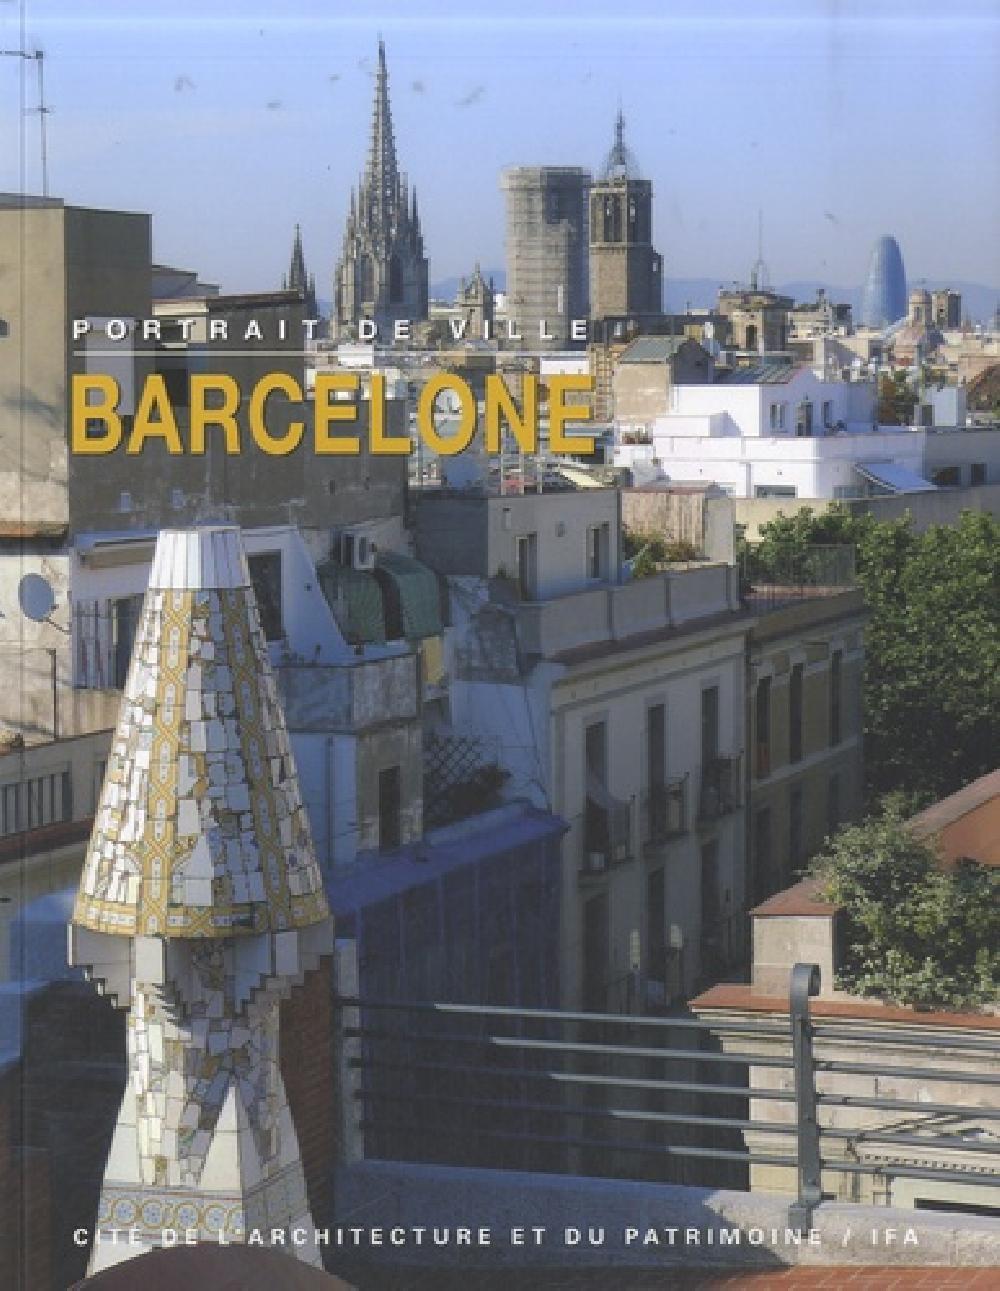 Barcelone / Portrait de Ville